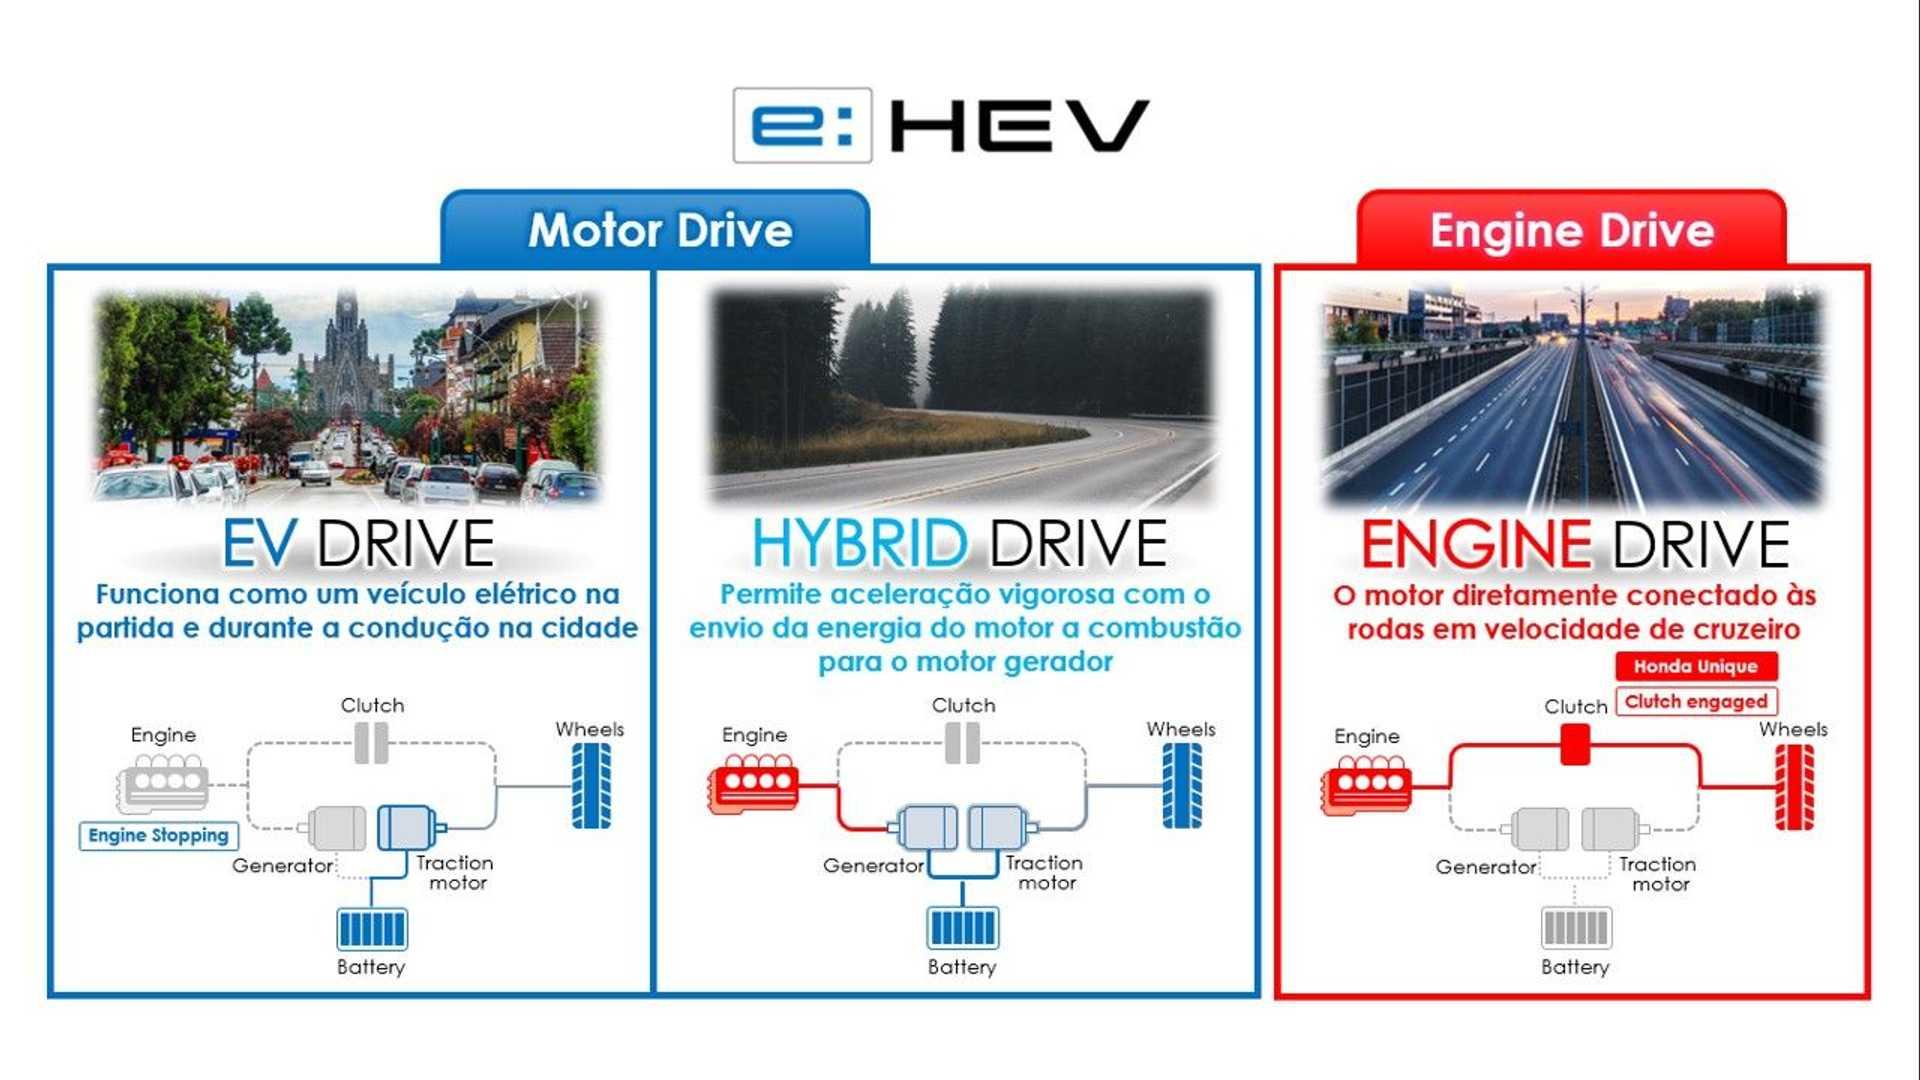 Ao contrário da maioria, em ciclo híbrido o Accord se mantém impulsionado apenas pela unidade elétrica